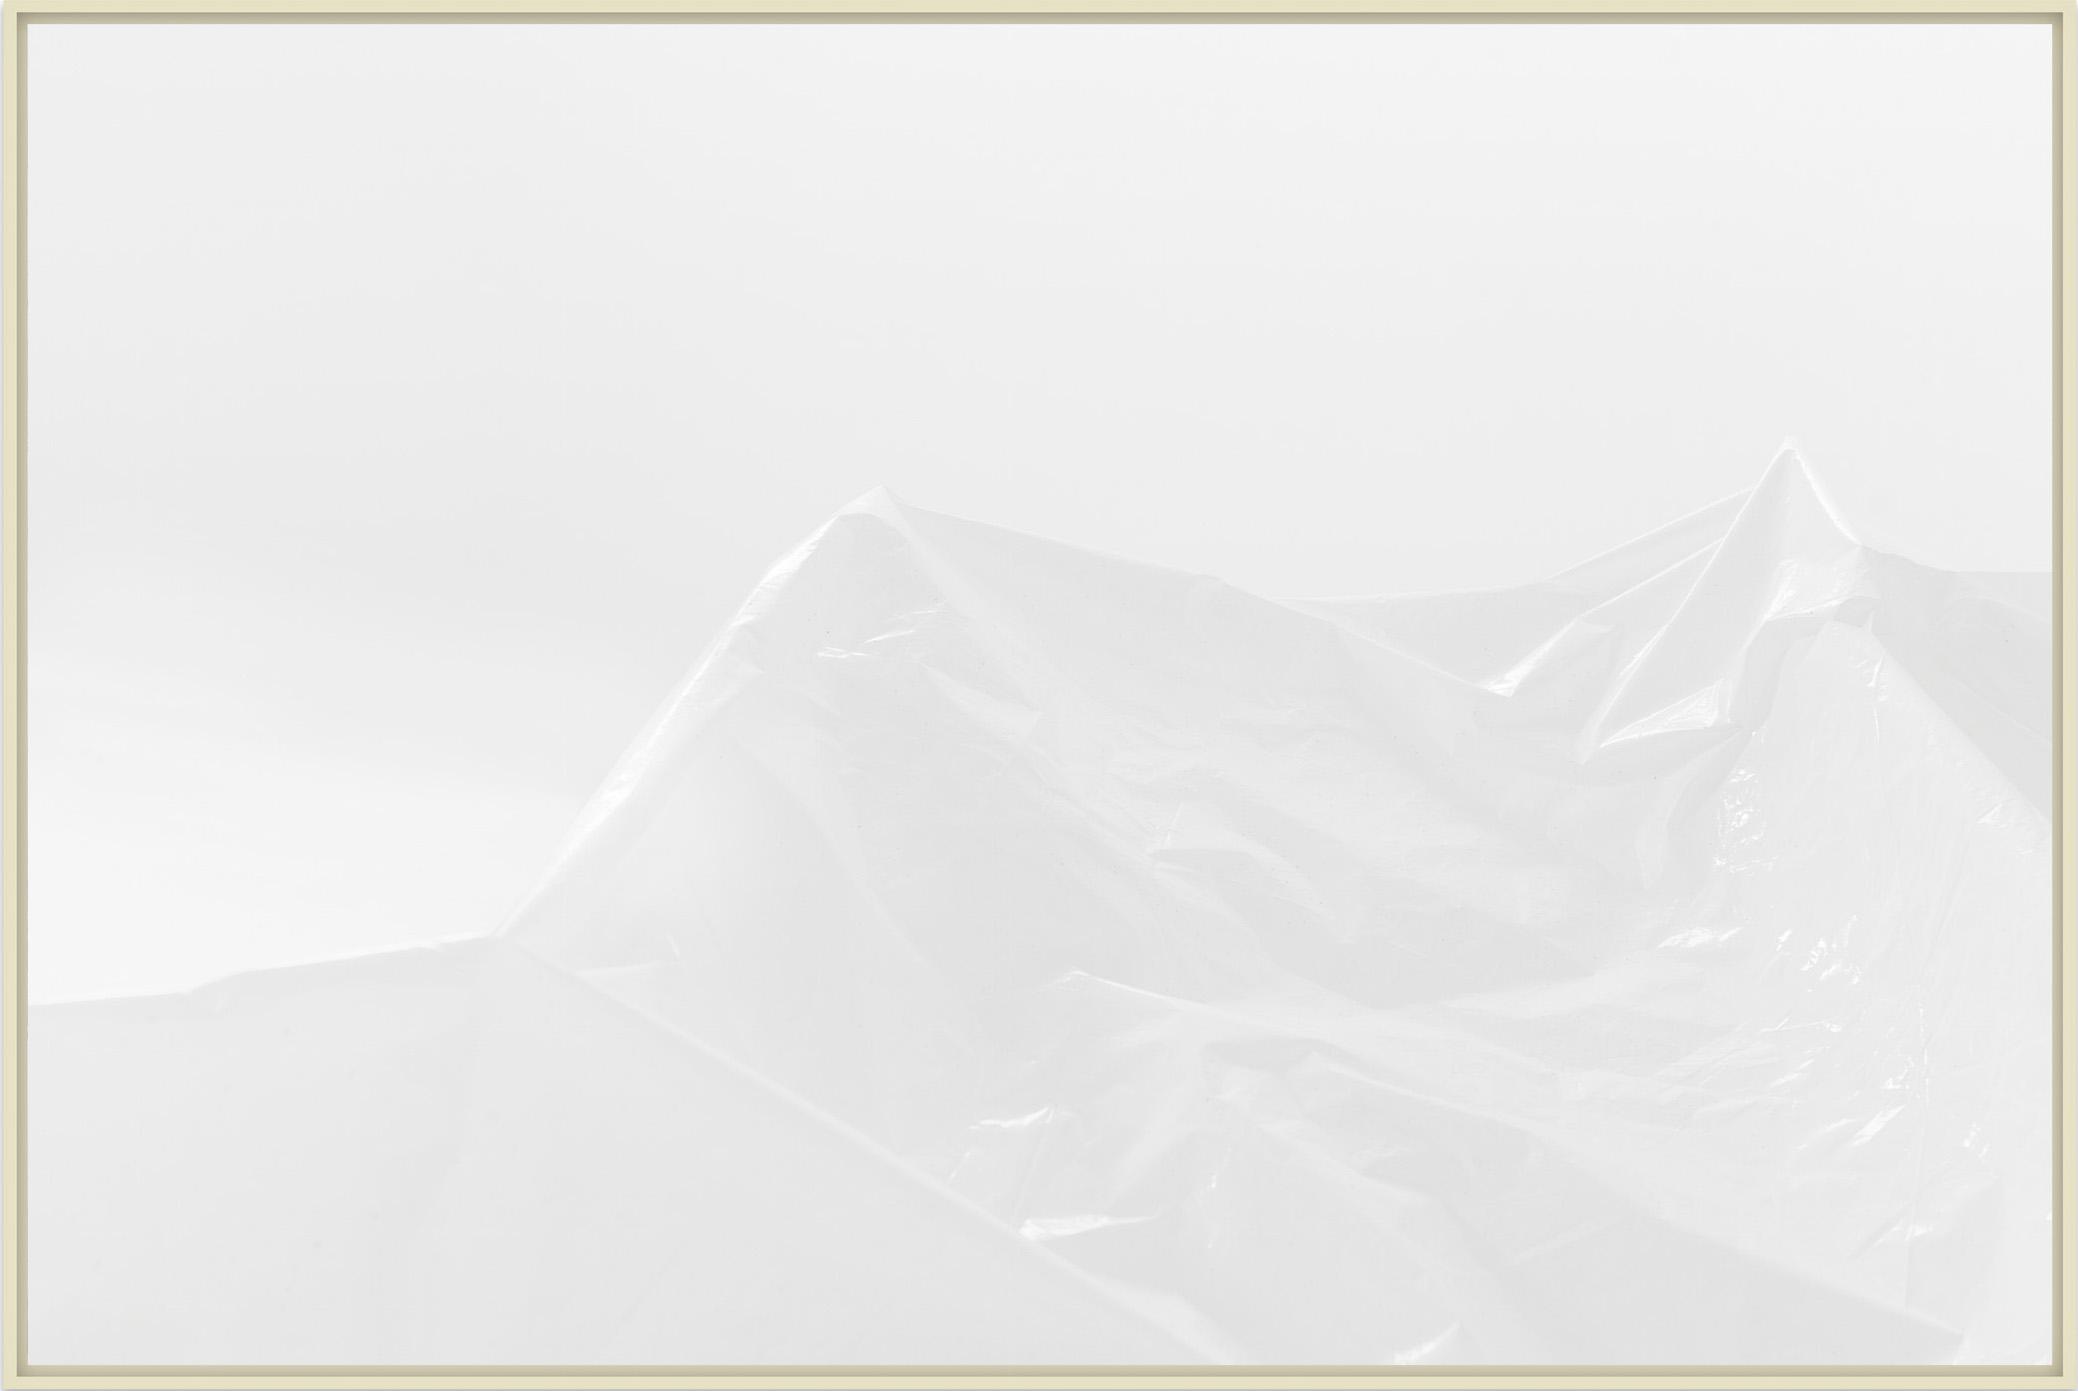 site _ plastic landform (stilness) _ Antonio Wolff _ 2018 _ fotografia em papel fibra de algodao – 42x62cm _ soma galeria